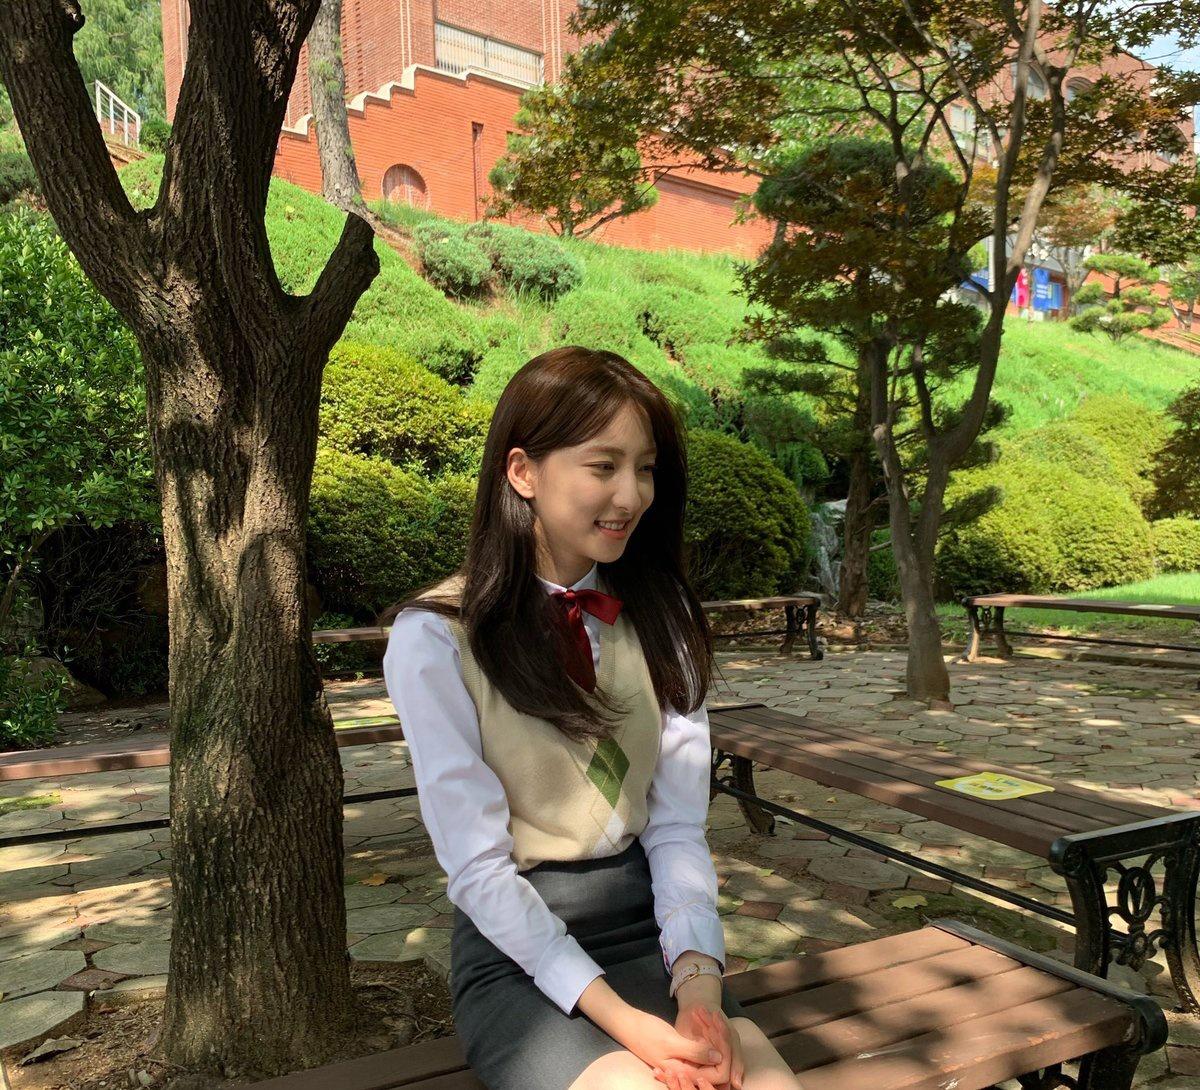 [ 200916 via wjsn_cosmic update by Eunseo ES : วันนี้เป็นวันที่ได้พบกับมินะ เจอกัน 6 โมงเย็นนะคะ 👋🏻